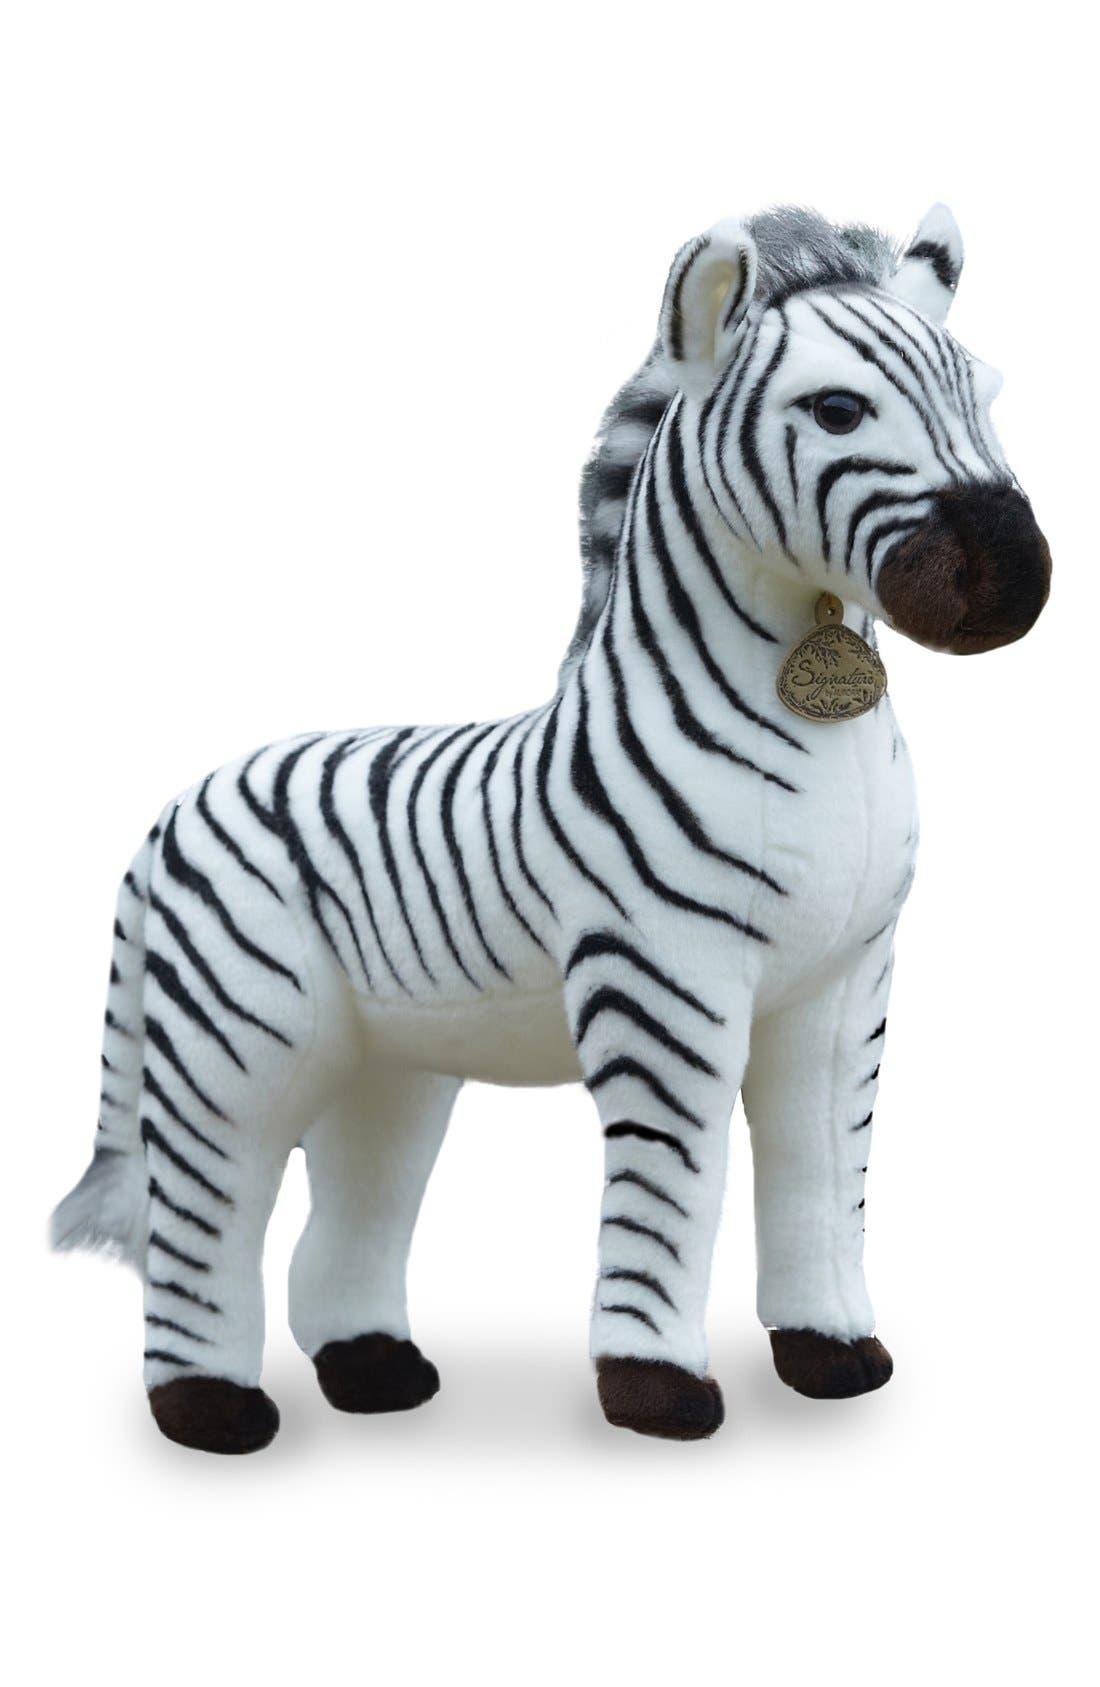 Aurora World Toys 'Grevy's Zebra' Stuffed Animal